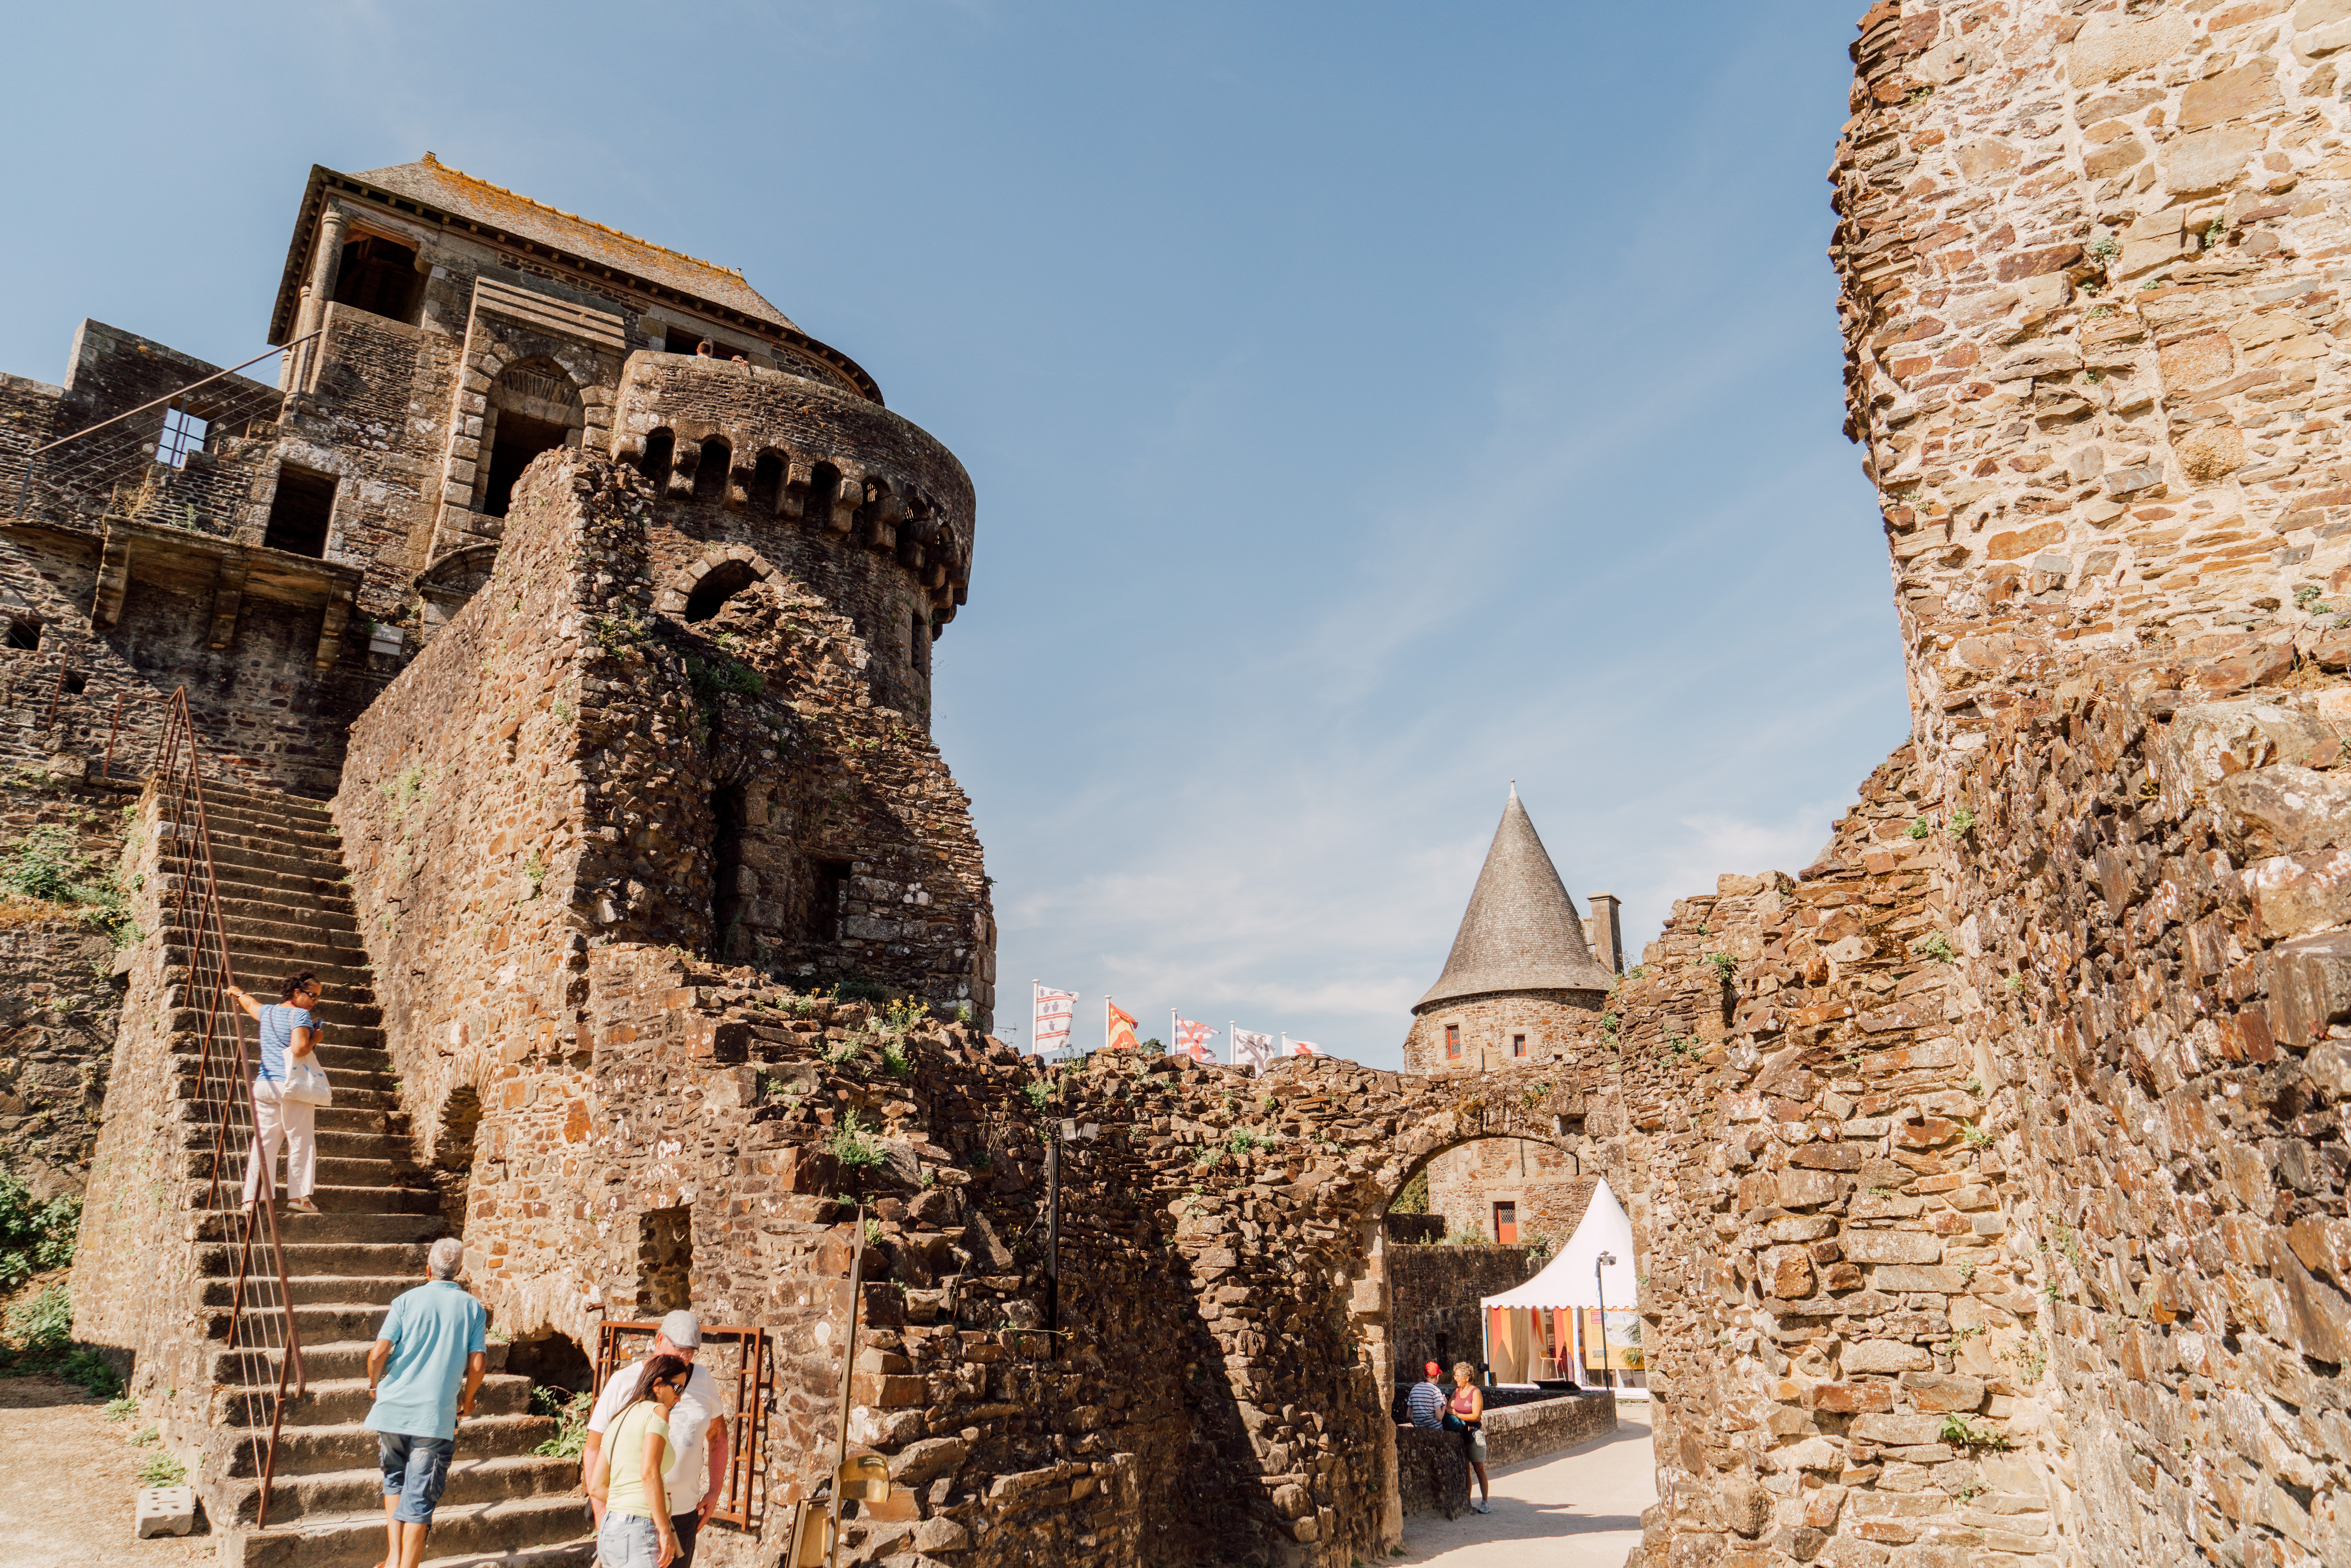 La ville de Fougères et son château Plus belles villes à visiter en Ille-et-Vilaine Bretagne.